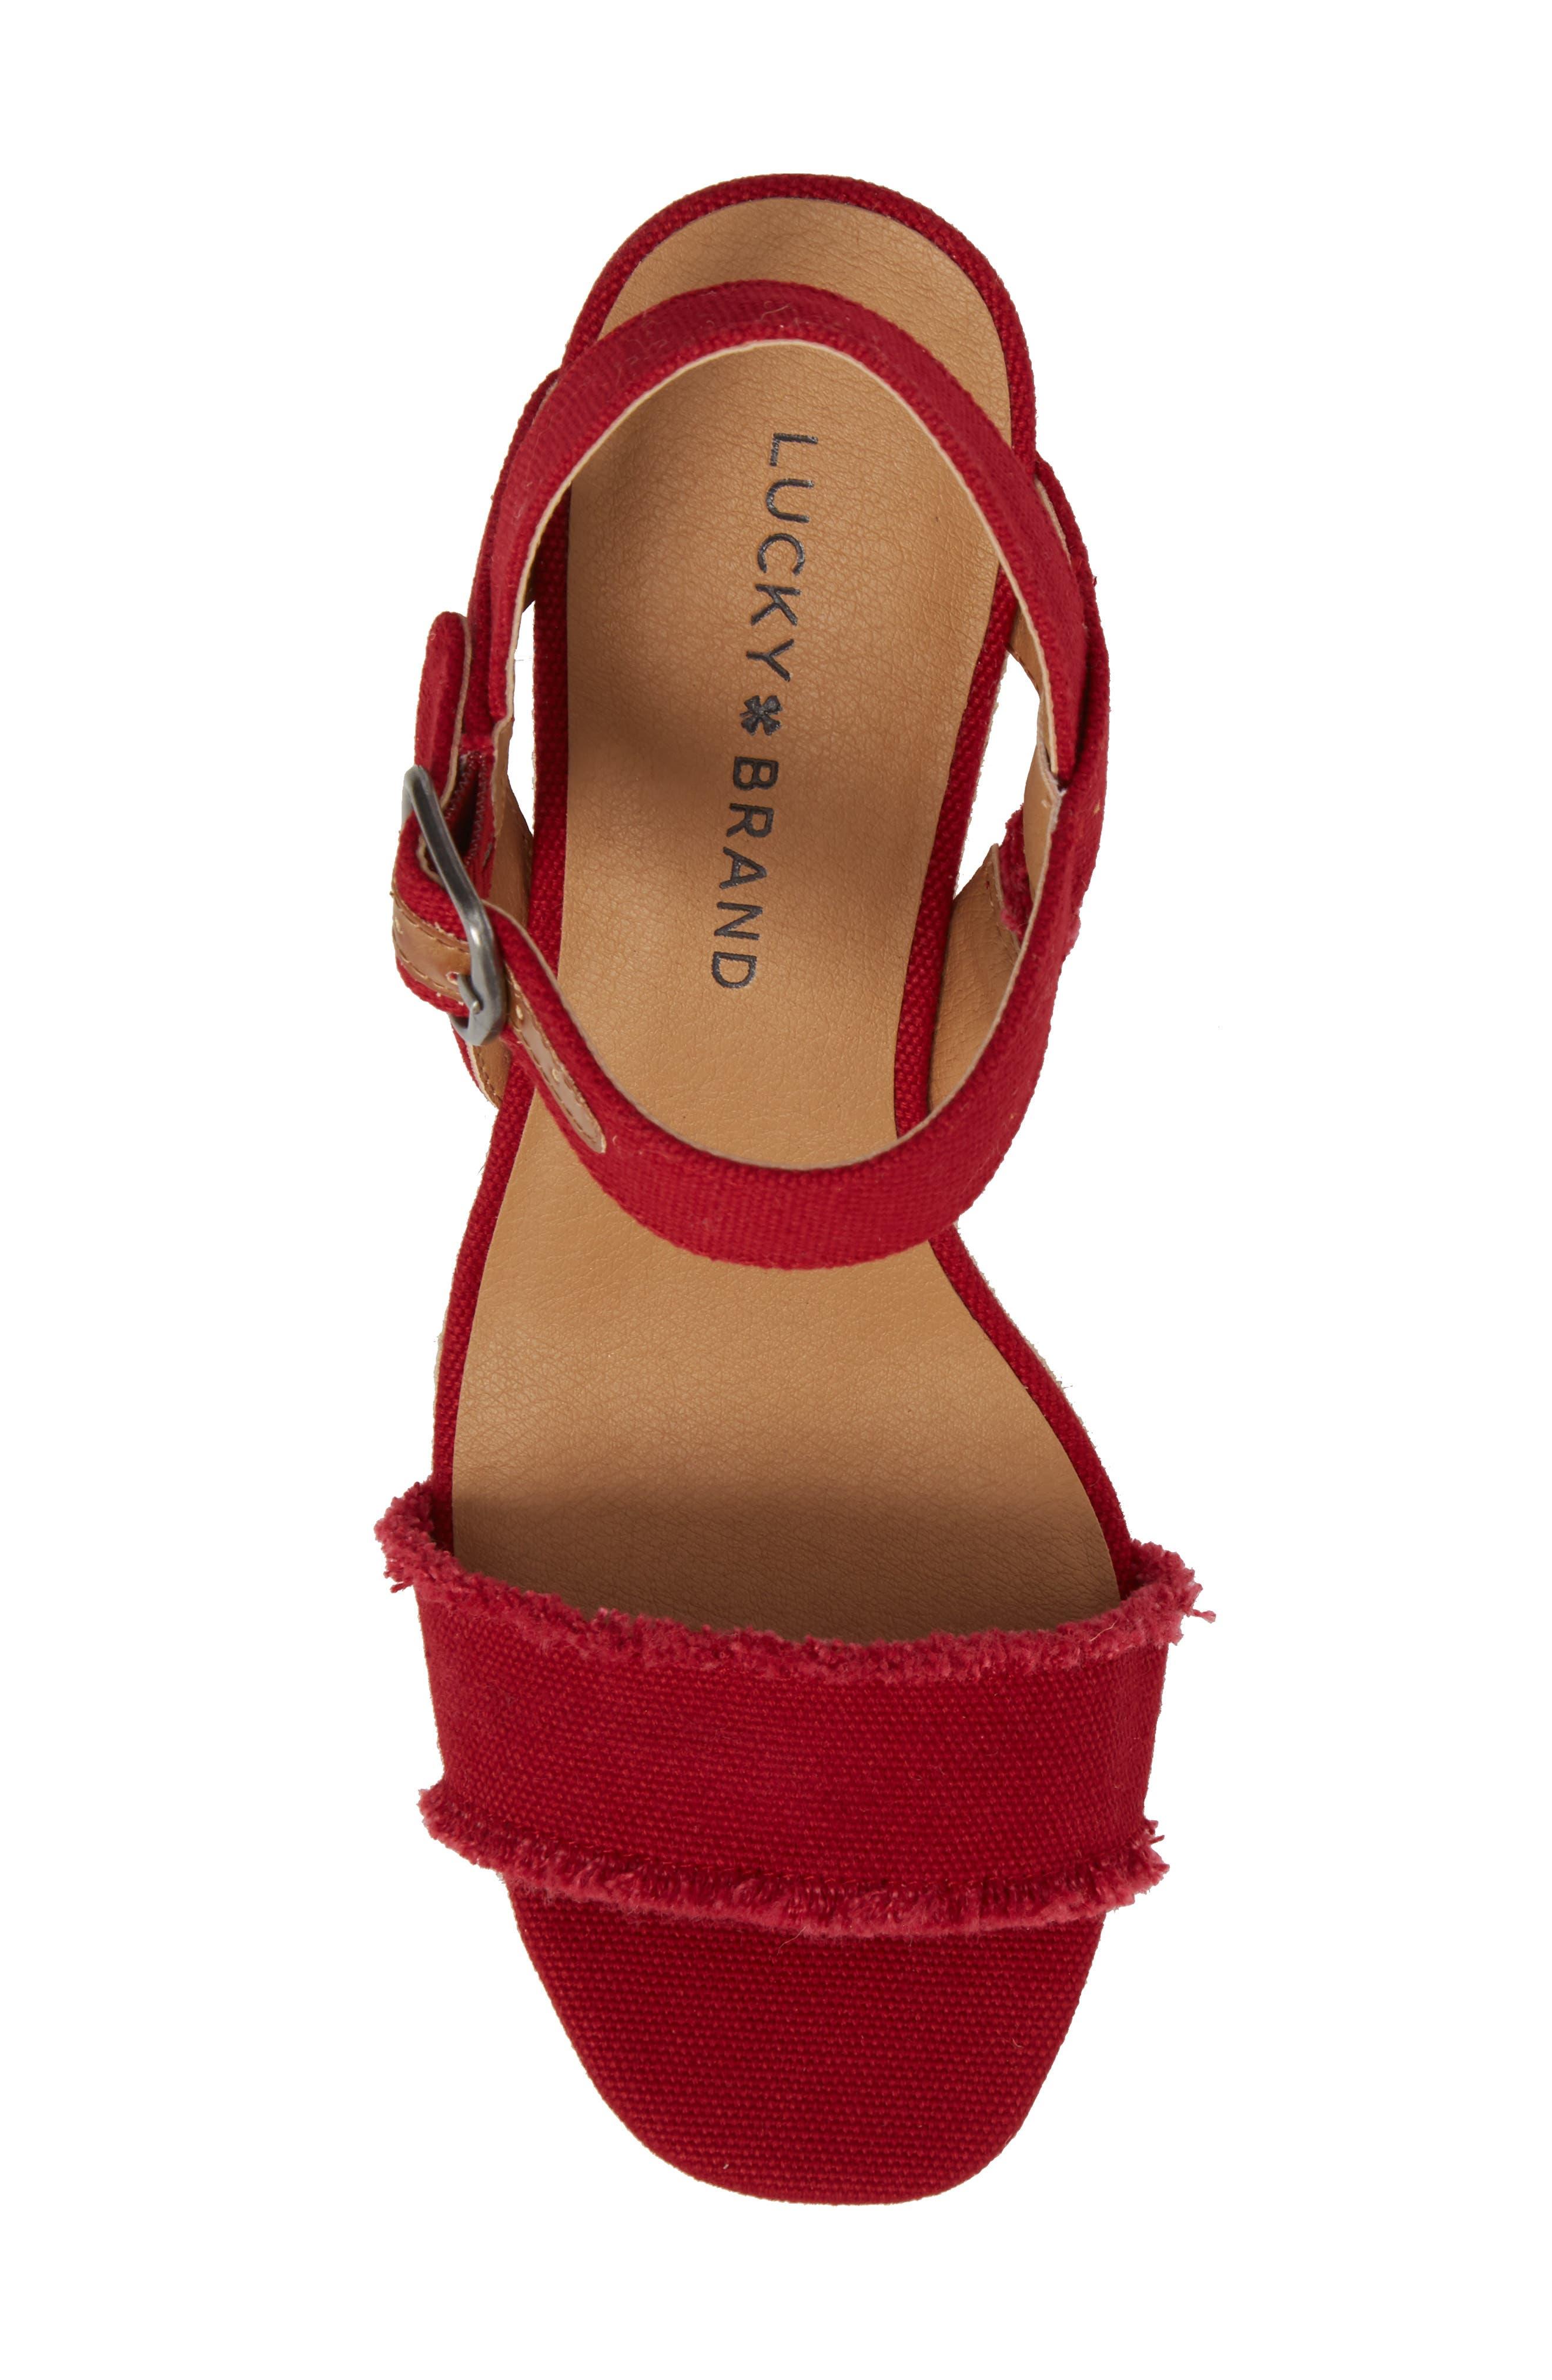 Marceline Squared Toe Wedge Sandal,                             Alternate thumbnail 35, color,